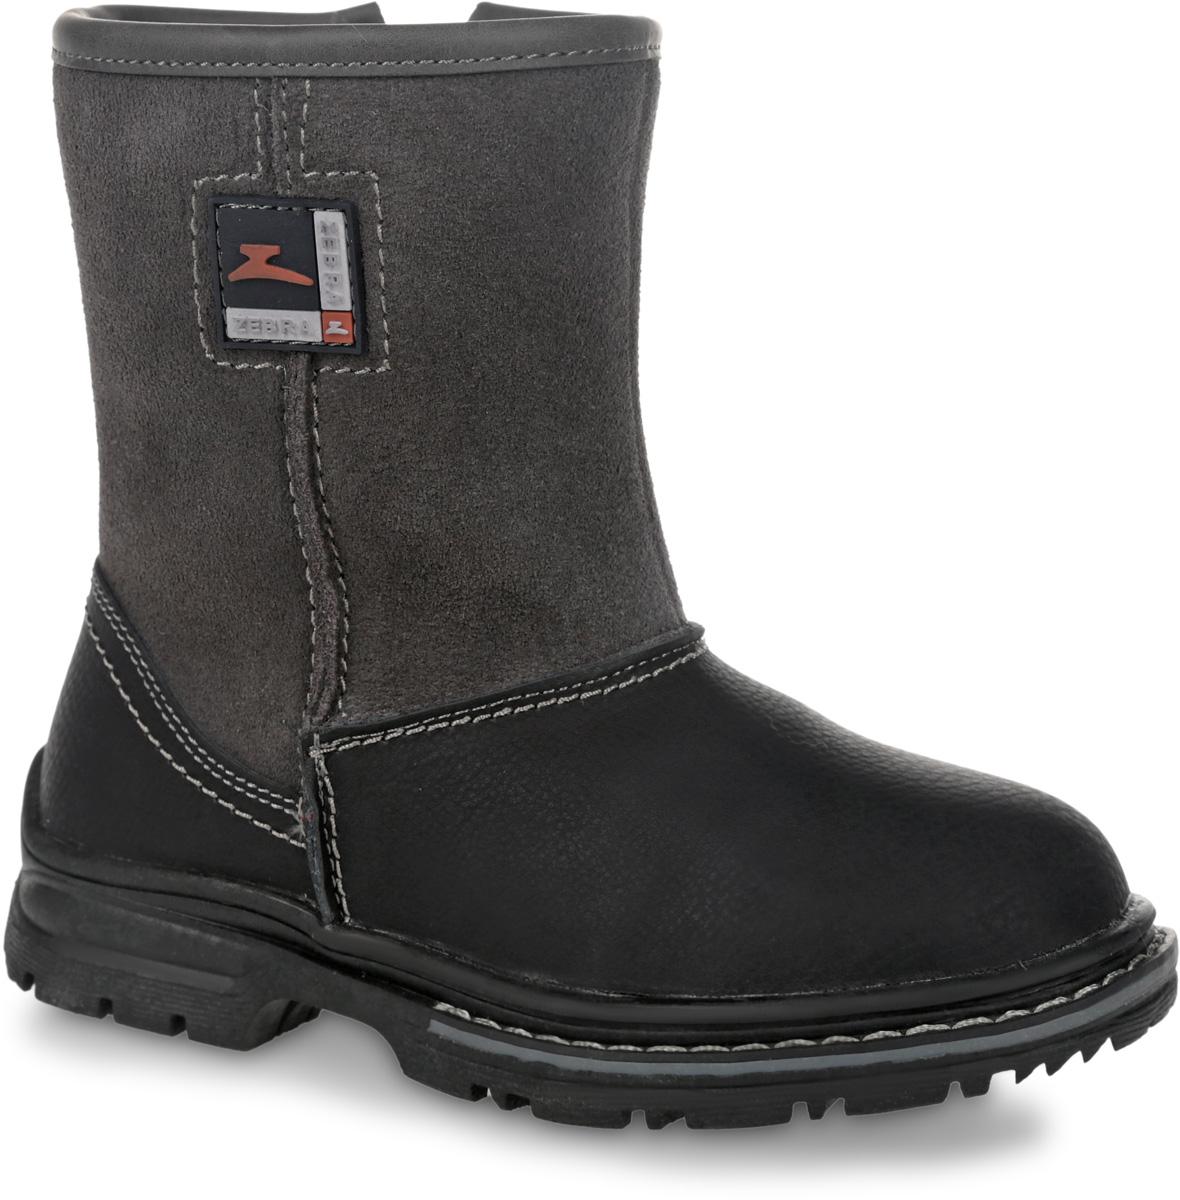 11116-10Полусапоги от Зебра выполнены из натуральной кожи в сочетании с натуральной замшей. Застежка-молния надежно фиксирует изделие на ноге. Мягкая подкладка и стелька из шерсти обеспечивают тепло, циркуляцию воздуха и сохраняют комфортный микроклимат в обуви.